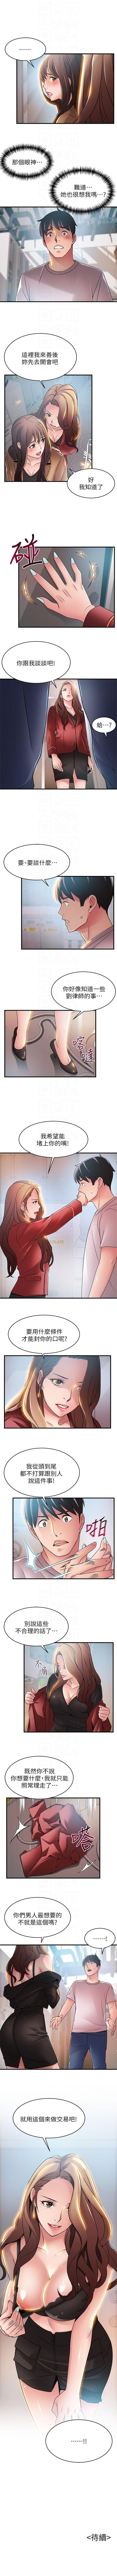 (周7)弱点 1-66 中文翻译(更新中) 236